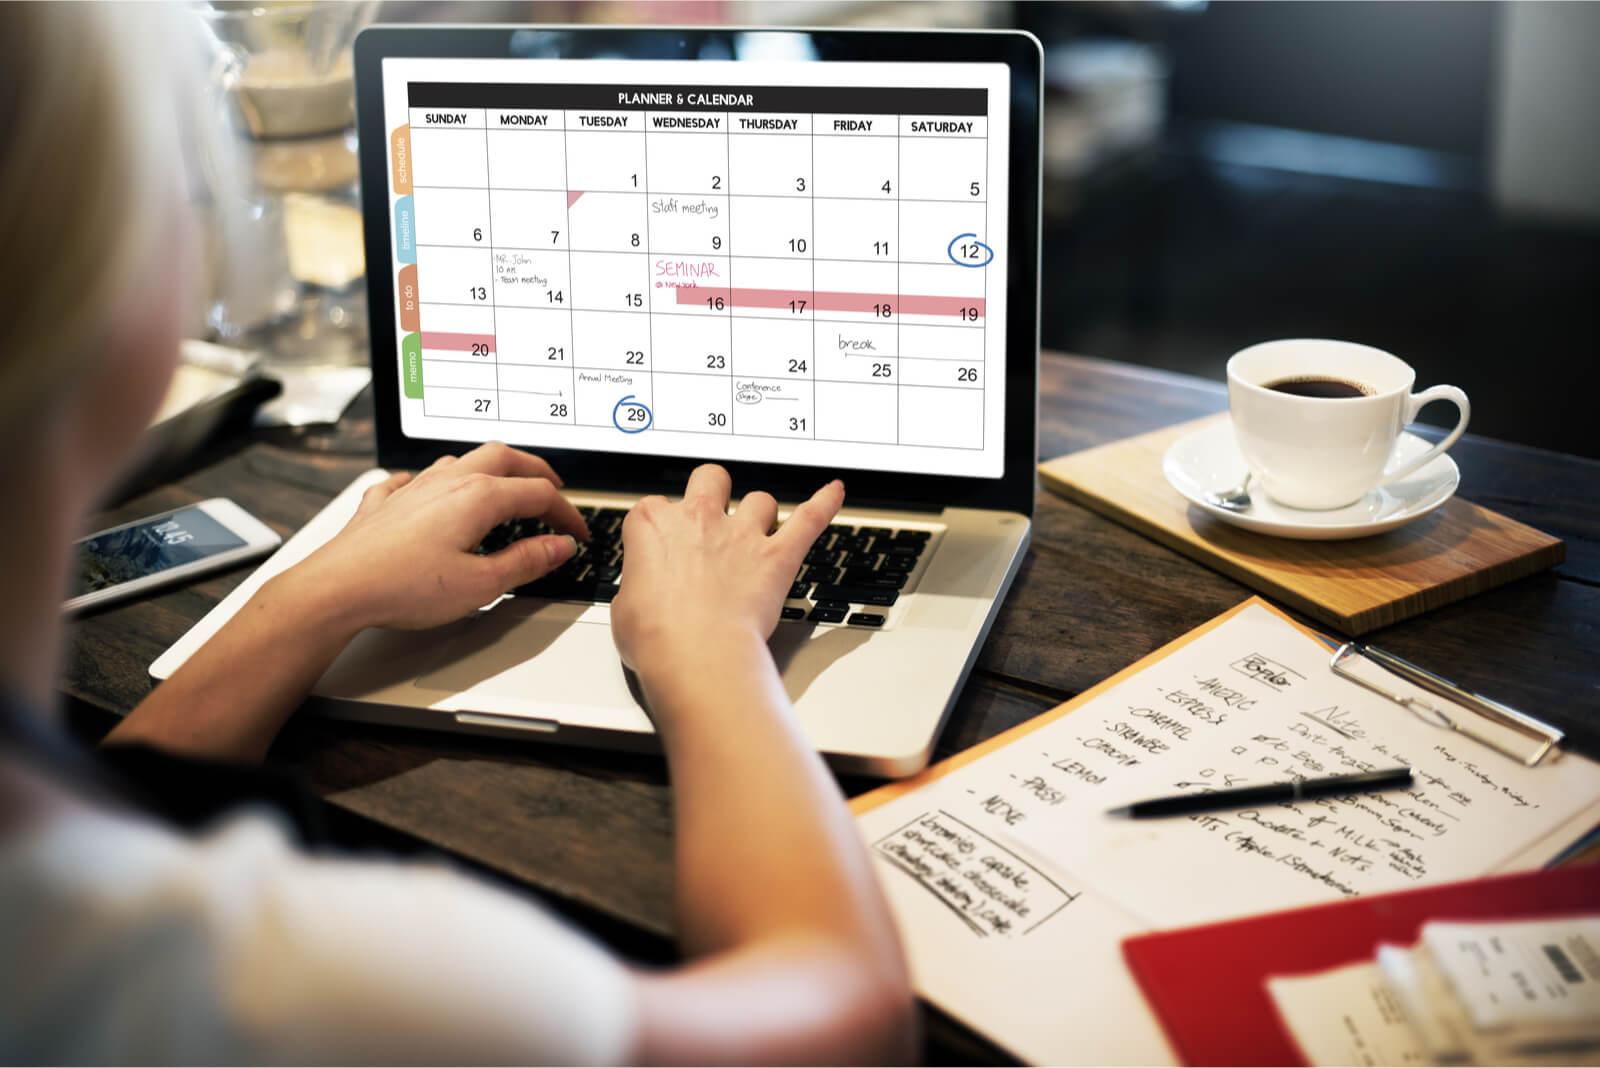 Covid-19: Die 5 wichtigsten Maßnahmen für die Planung sicherer Veranstaltungen